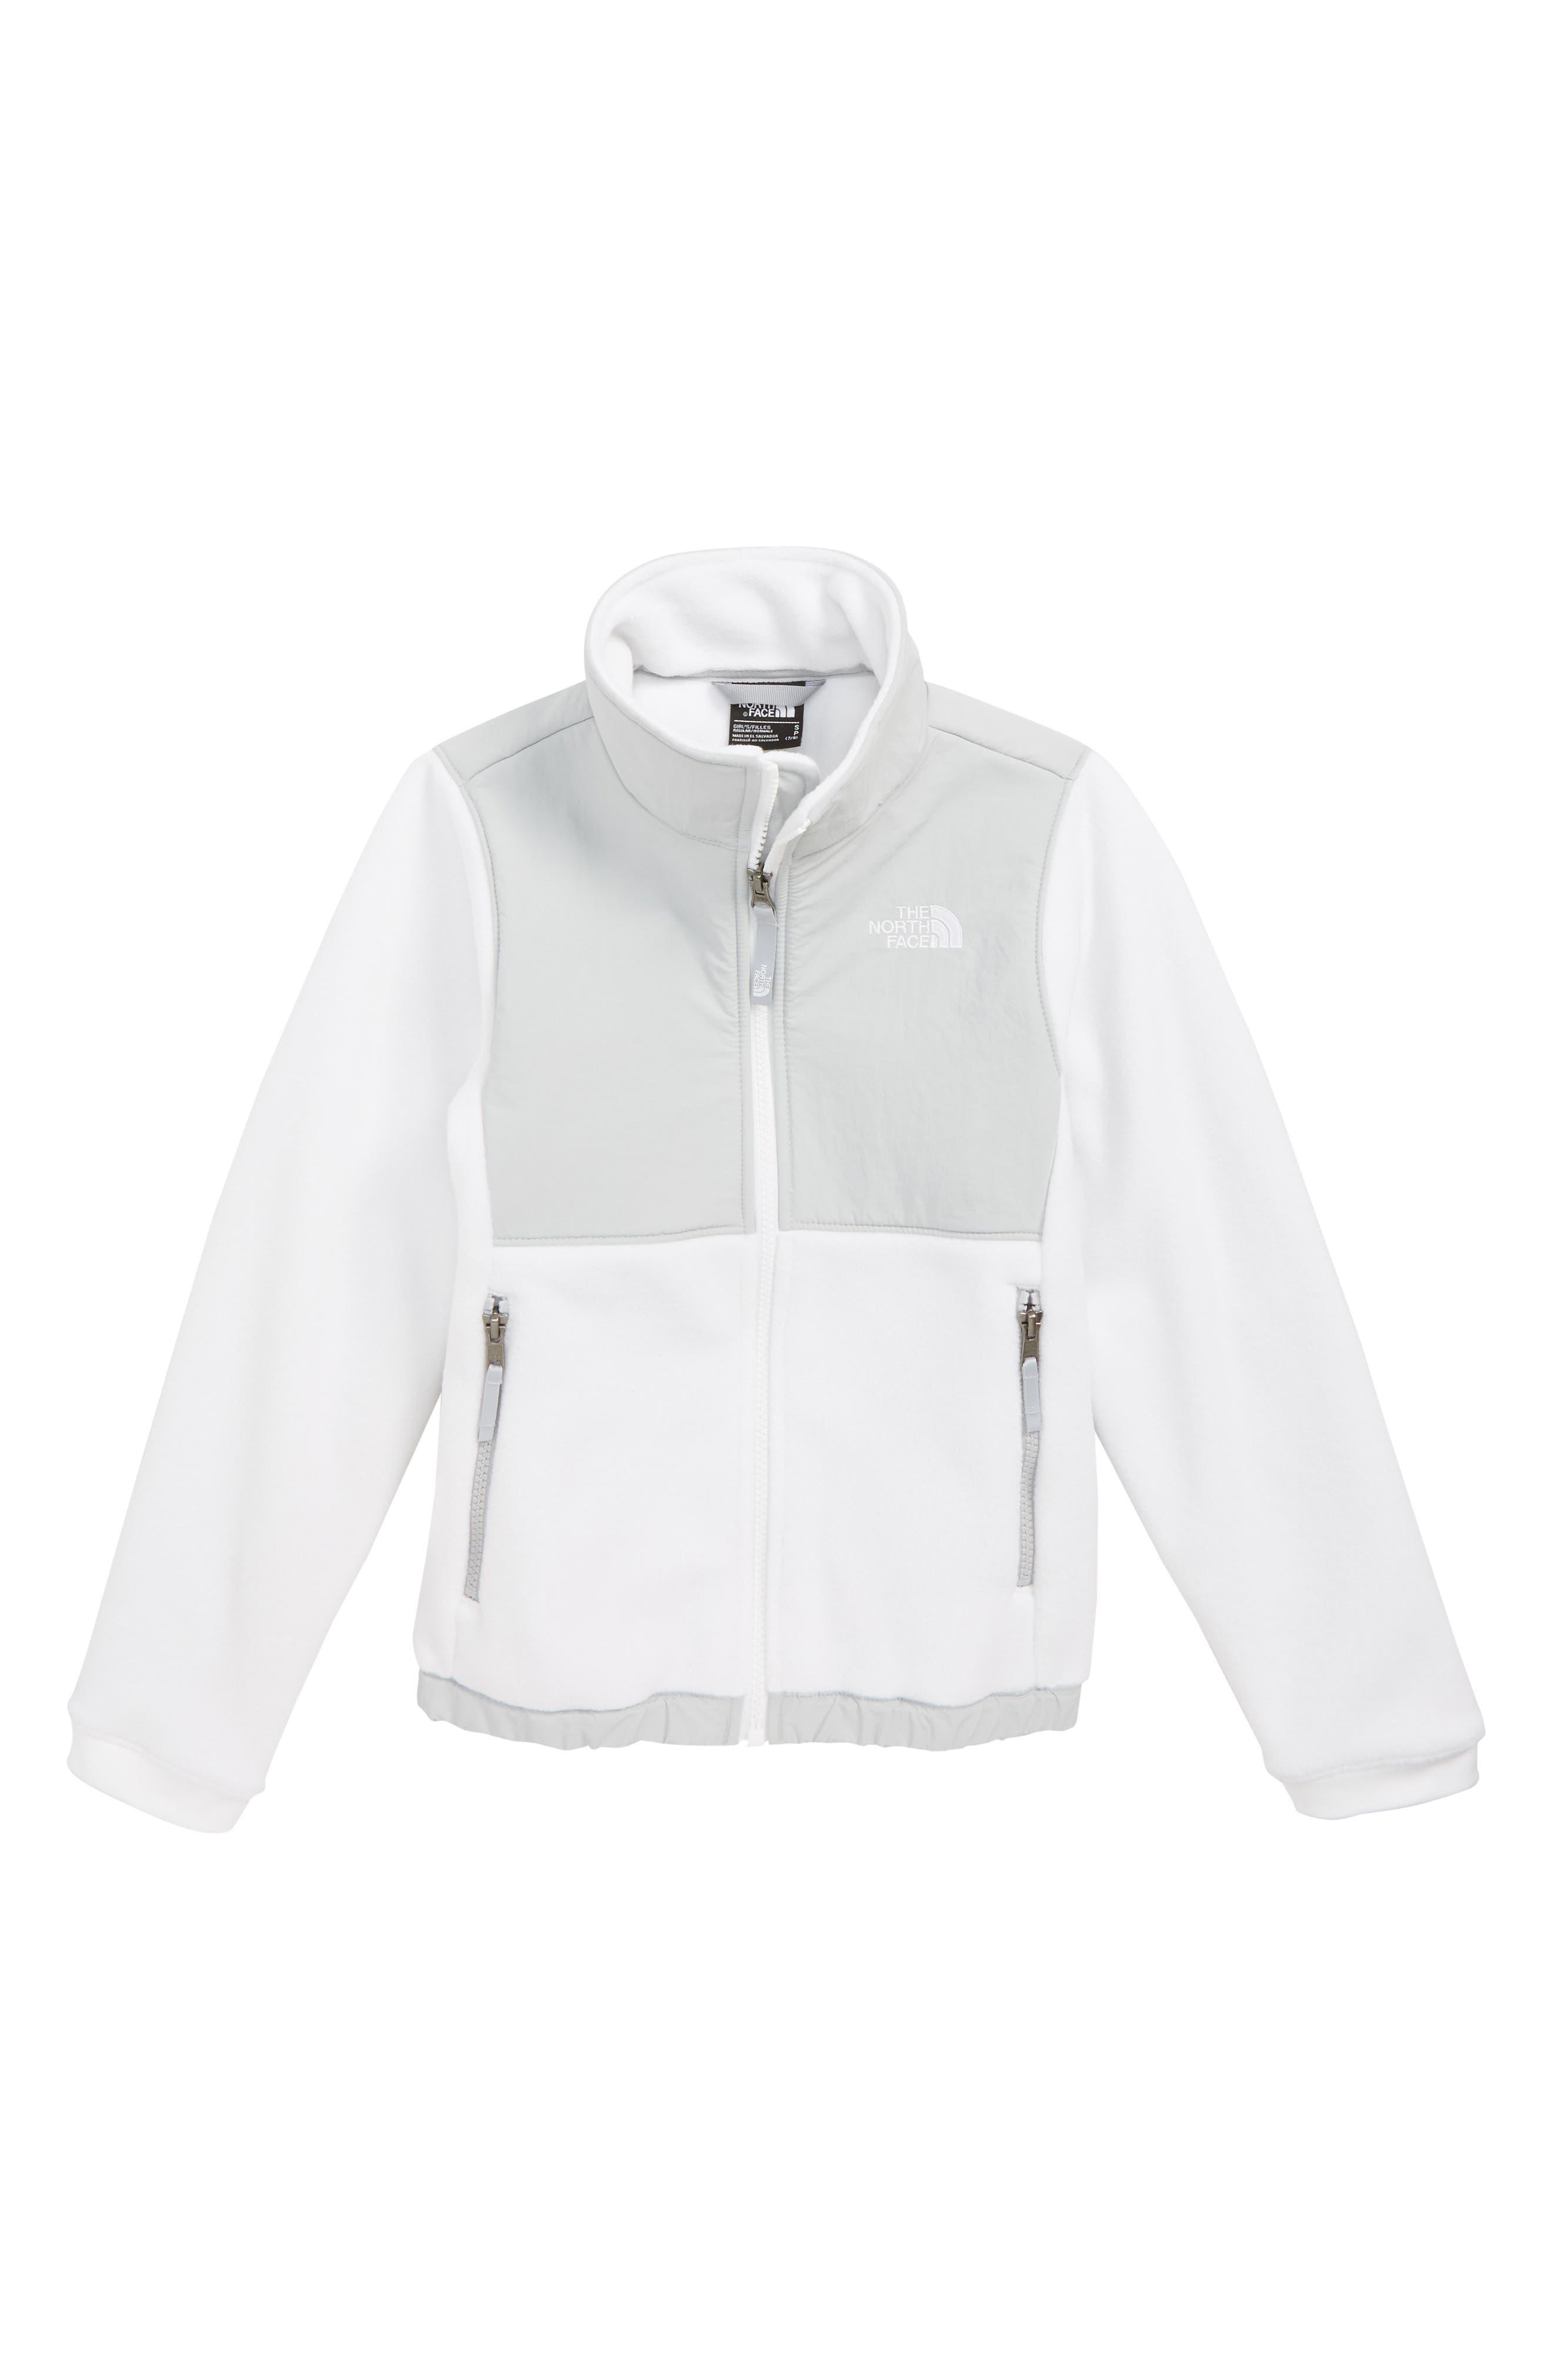 Denali Jacket,                             Main thumbnail 1, color,                             100